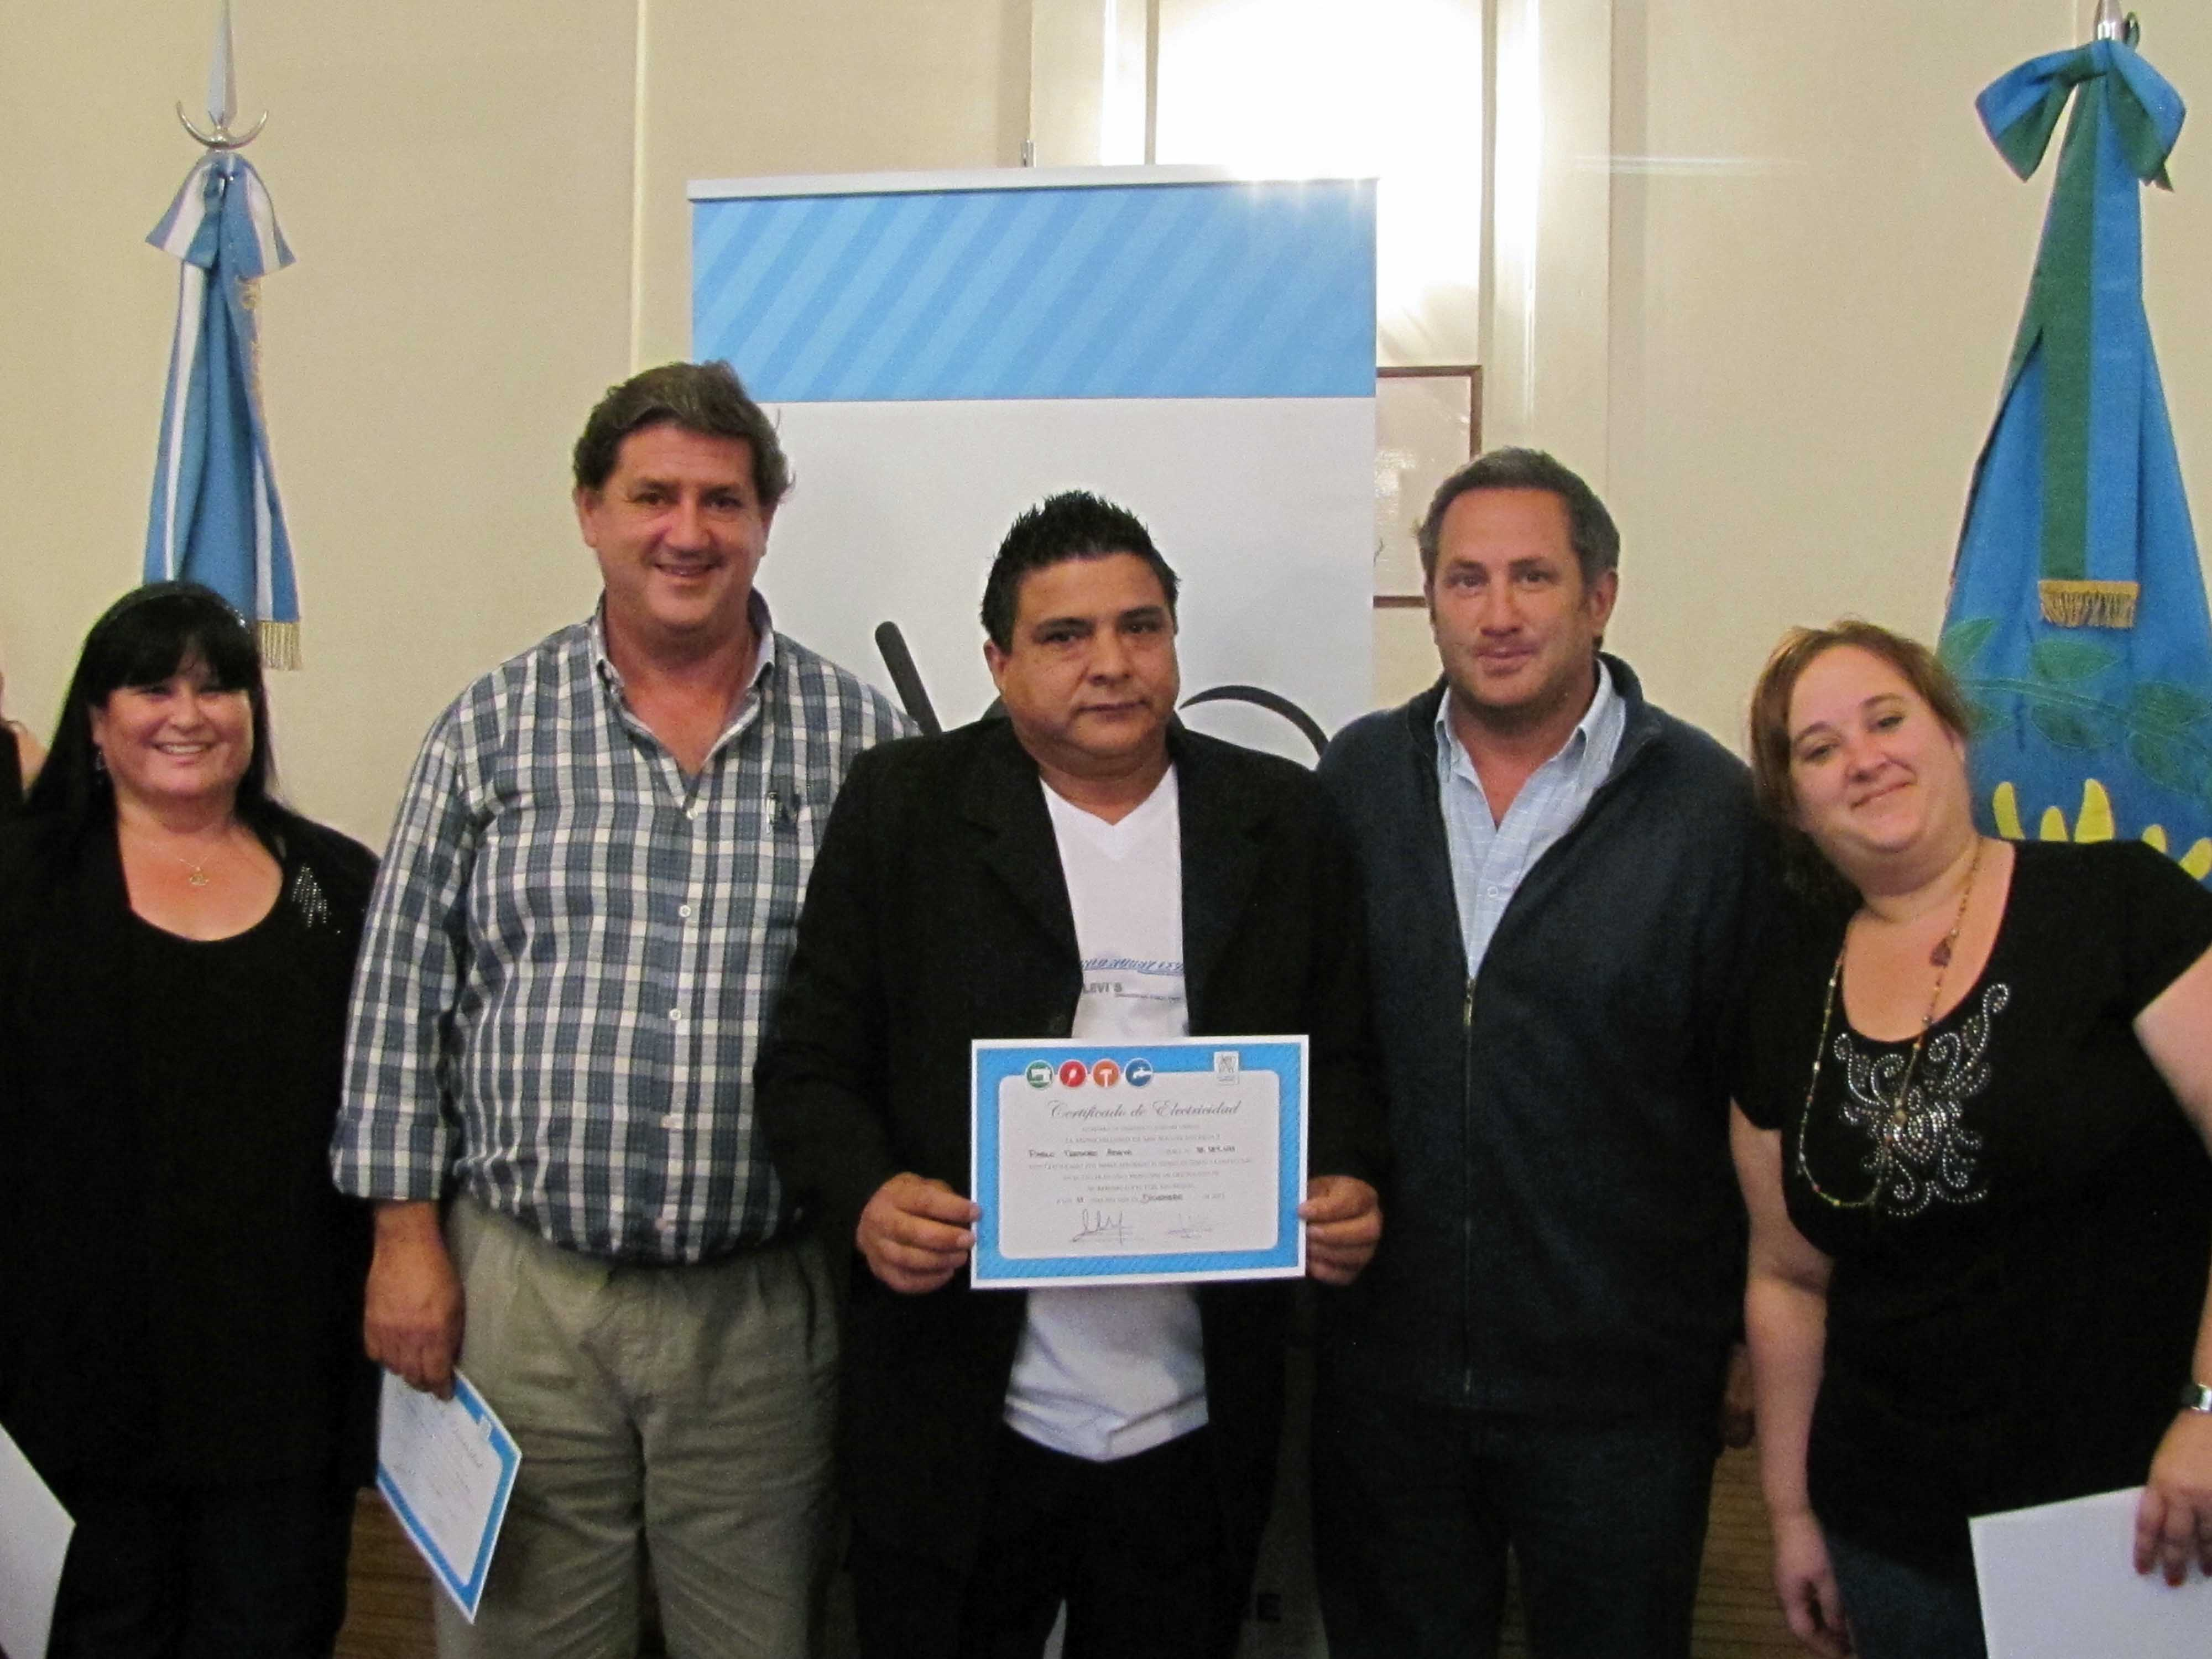 Fernando Inzaurrga y Pablo de Torre  entregaron diplomas en el Salón Dorado de la Municpalidad